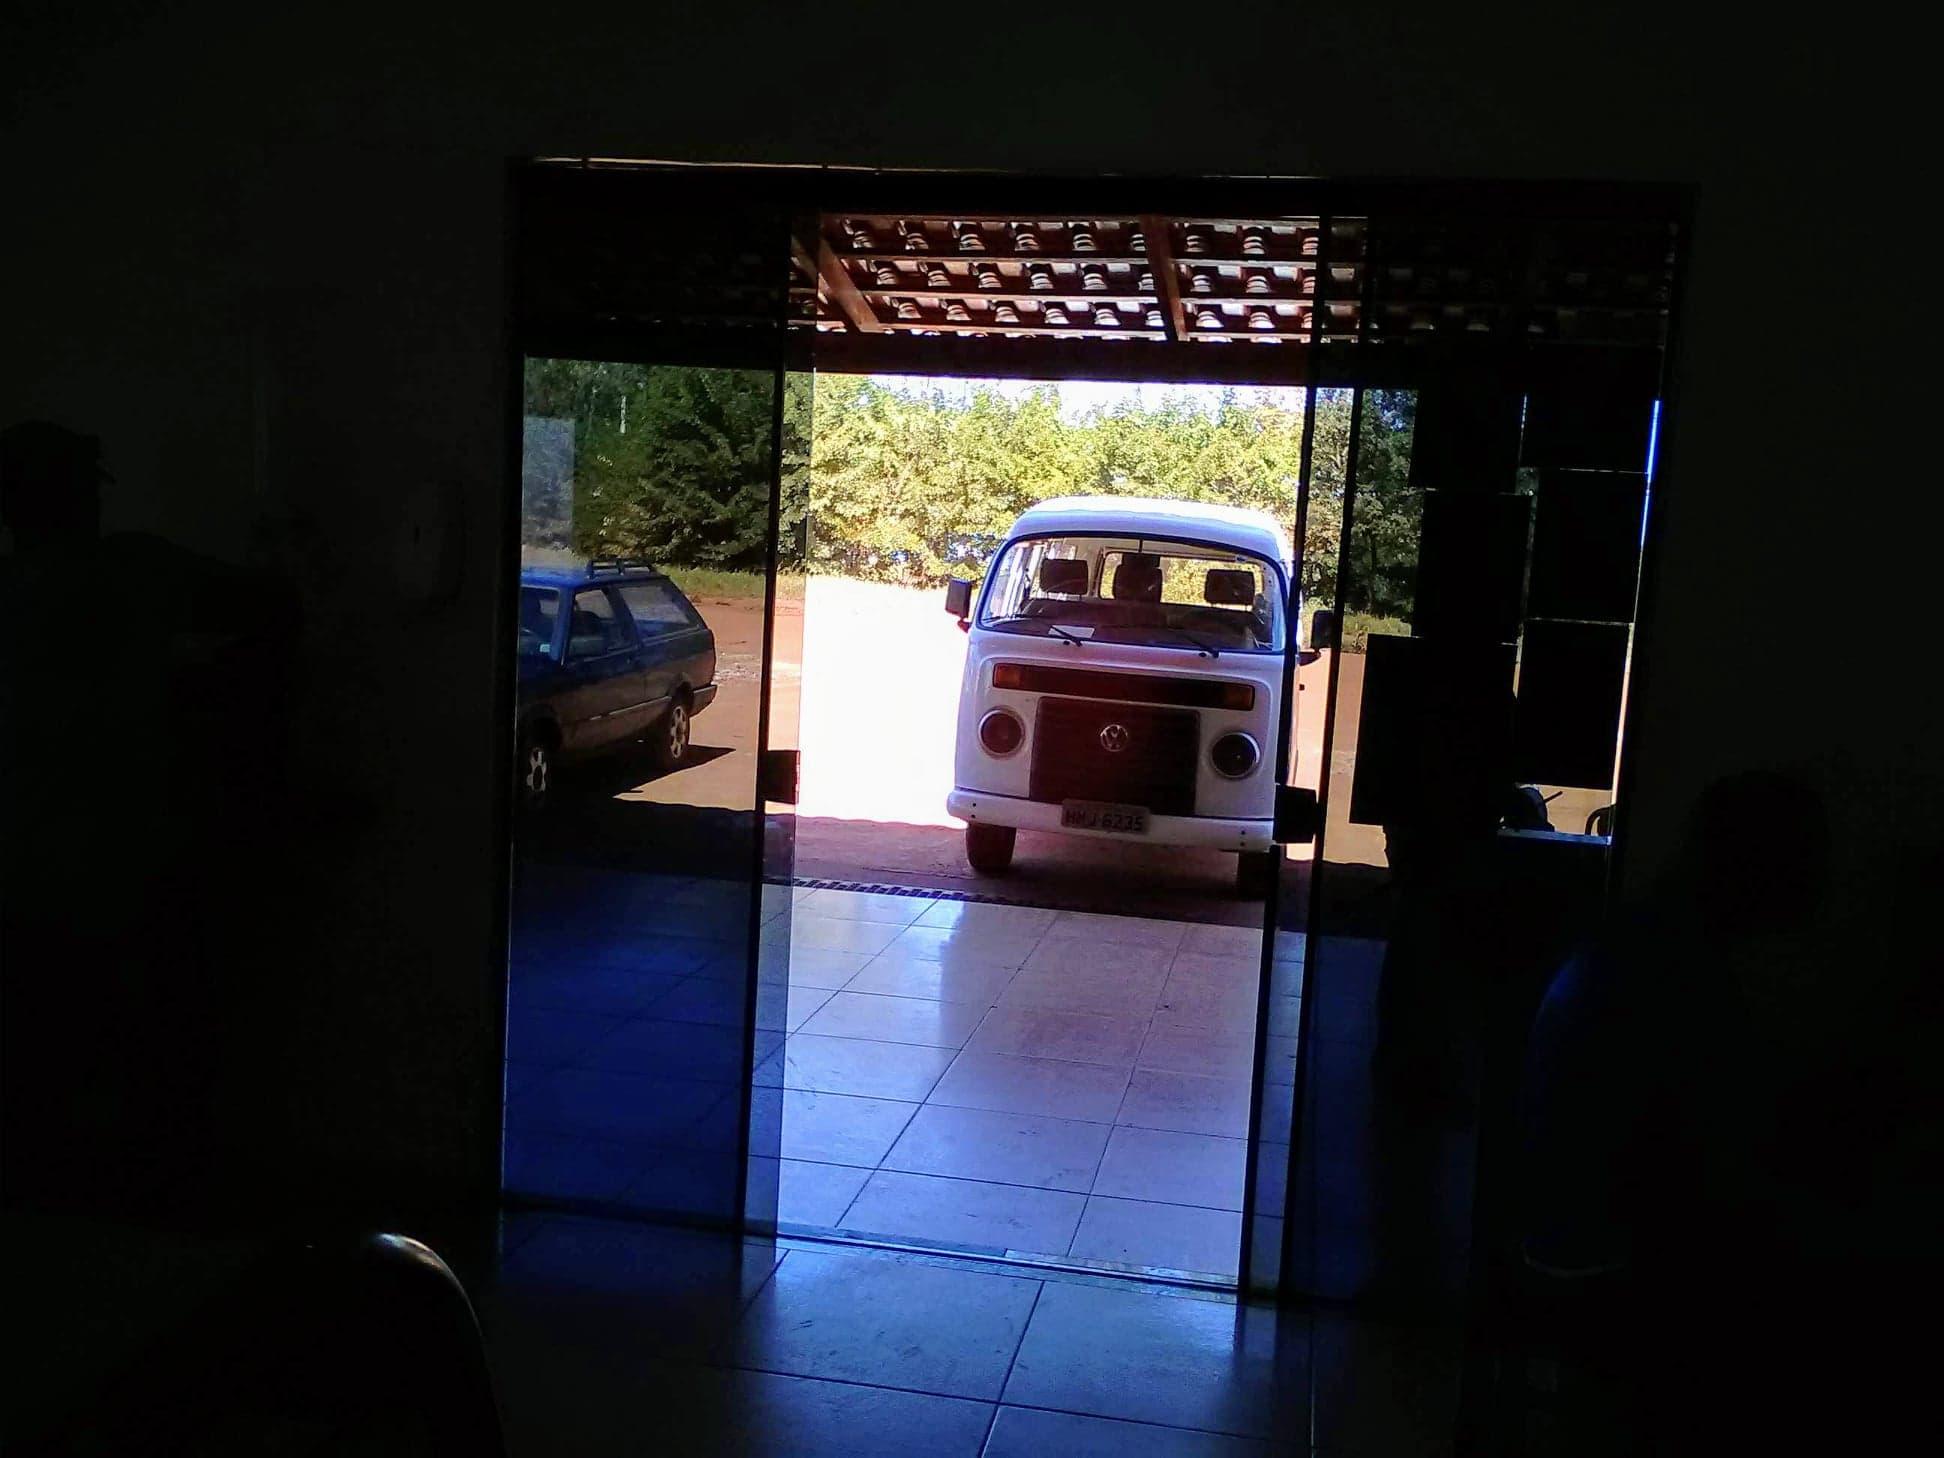 de-afdekkers-van-de-wagens-hadden-dit-busje